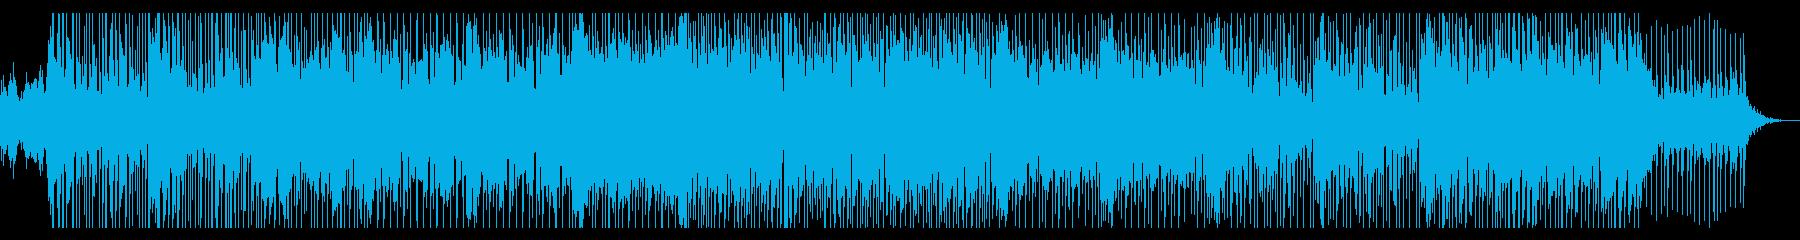 切なく激しい感情が印象的なロックの再生済みの波形